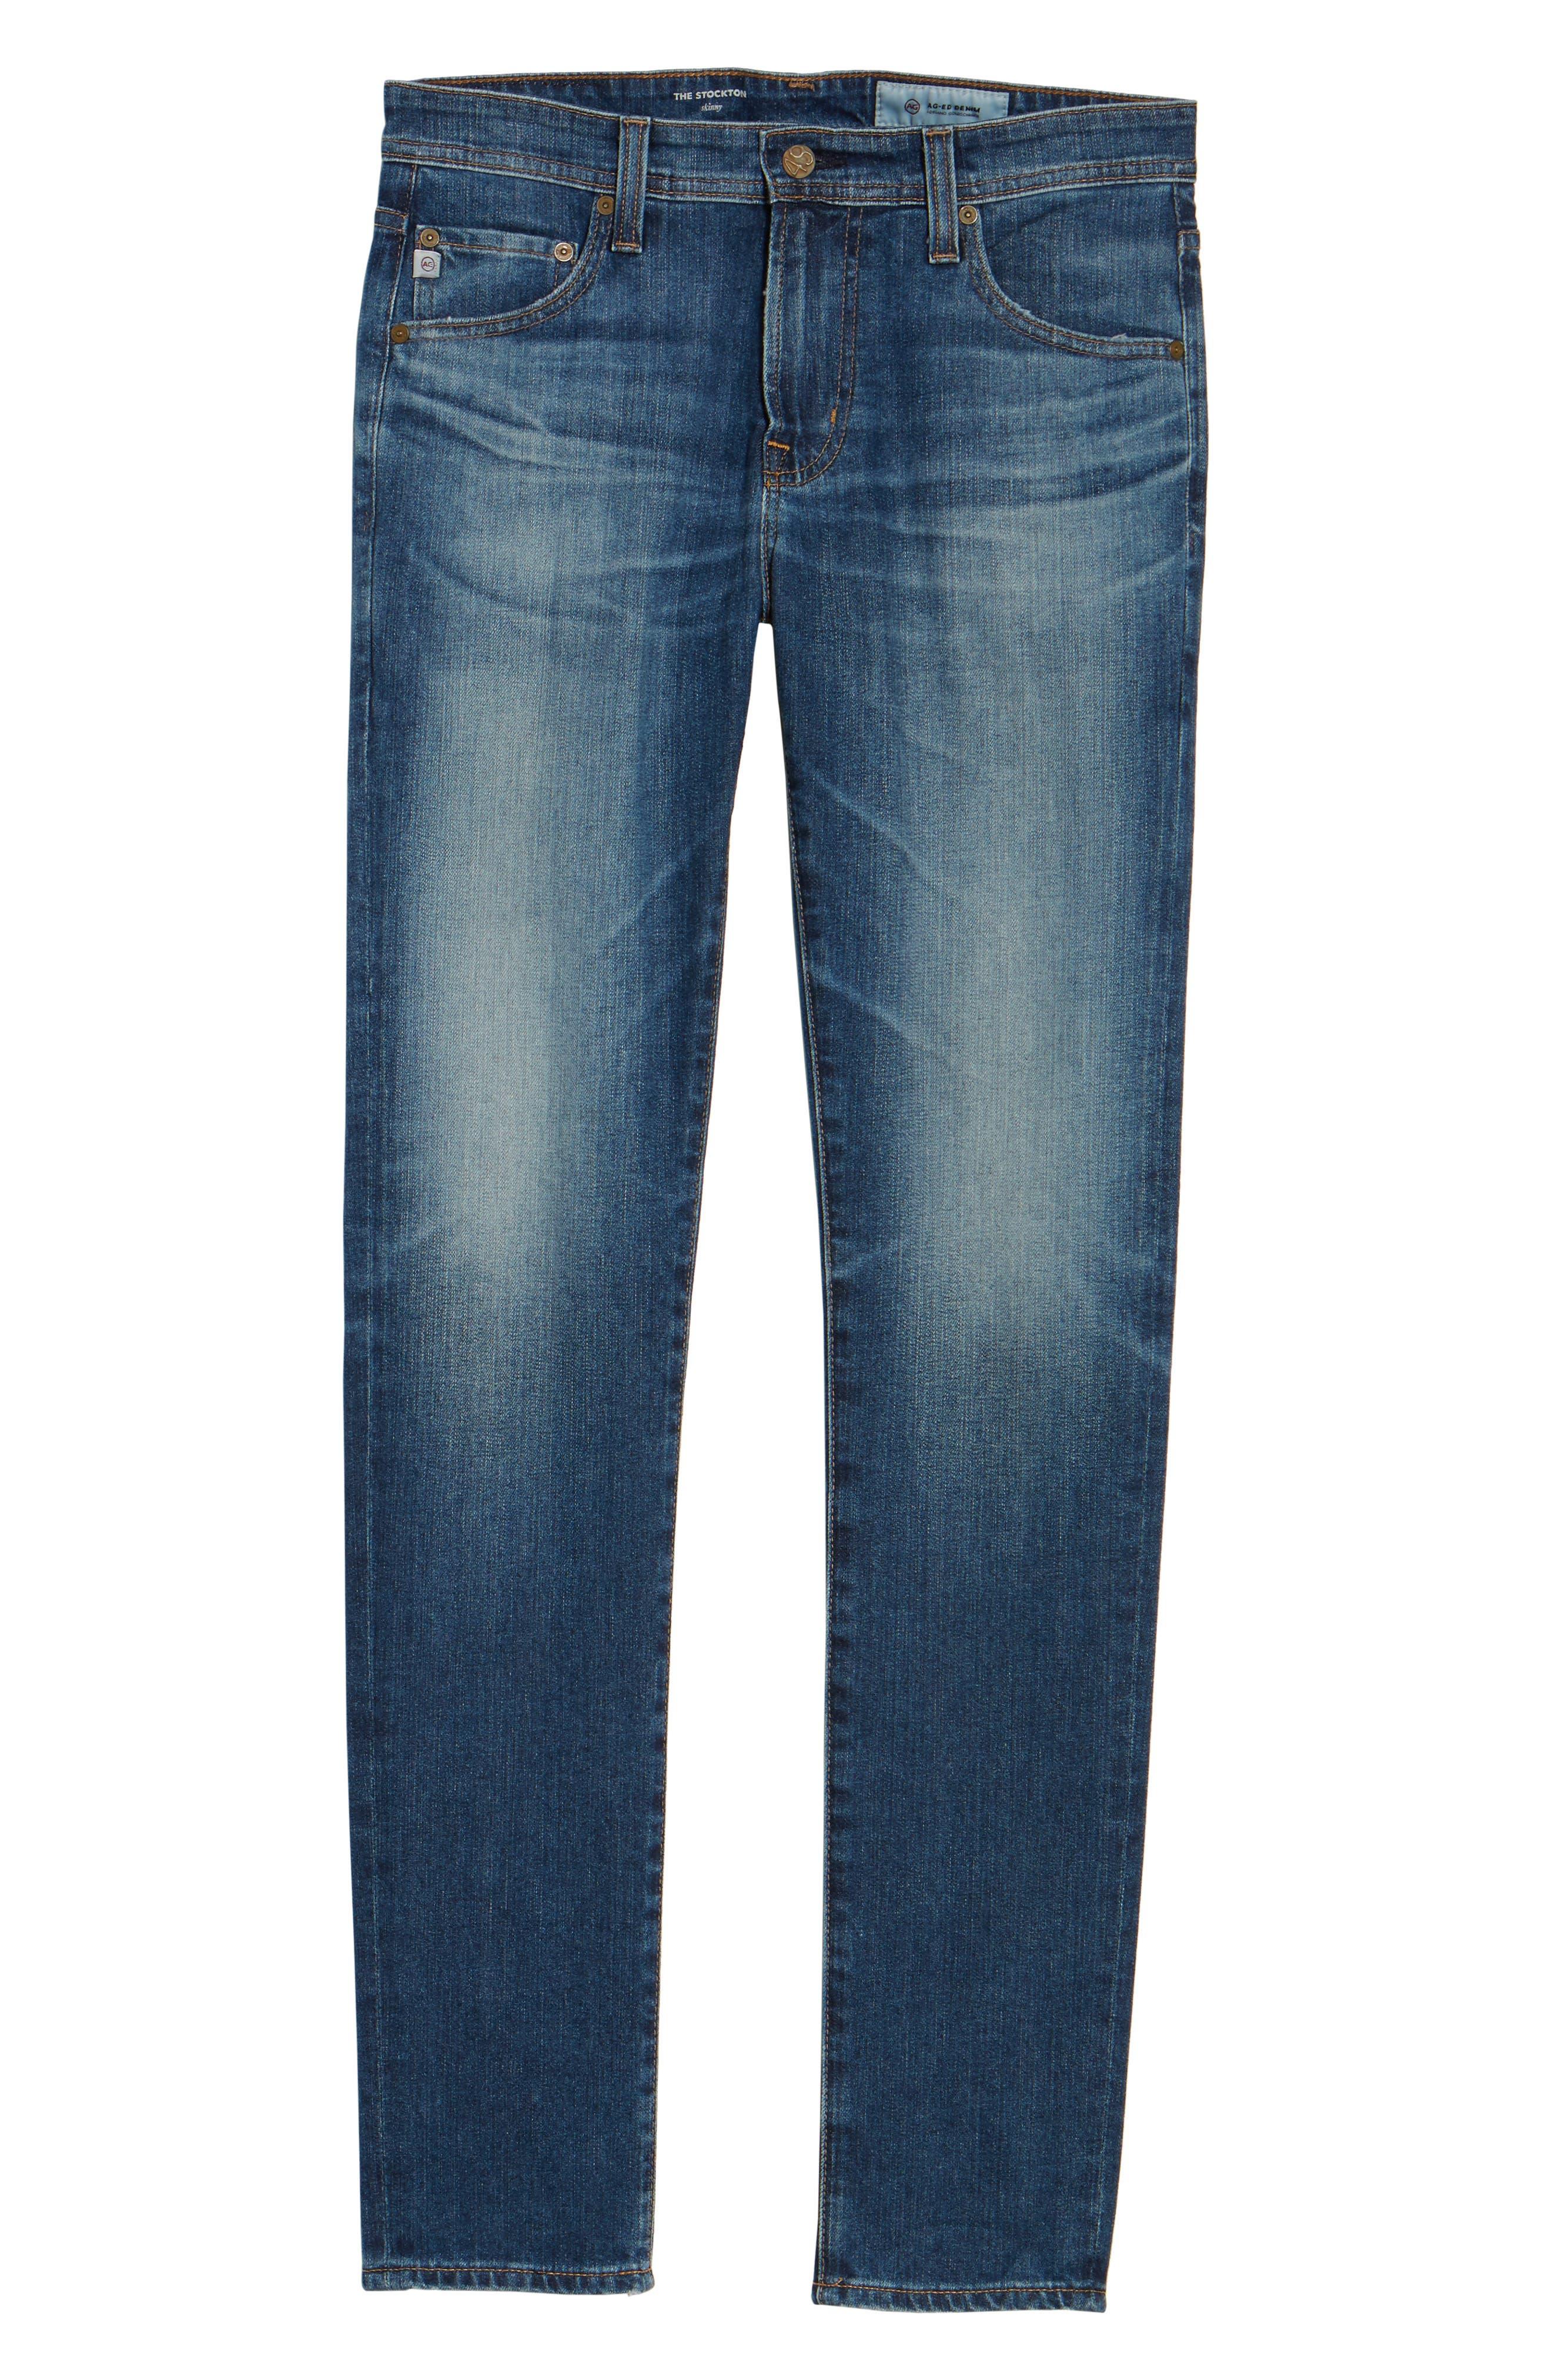 Jeans Stockton Skinny Fit Jeans,                             Alternate thumbnail 6, color,                             427